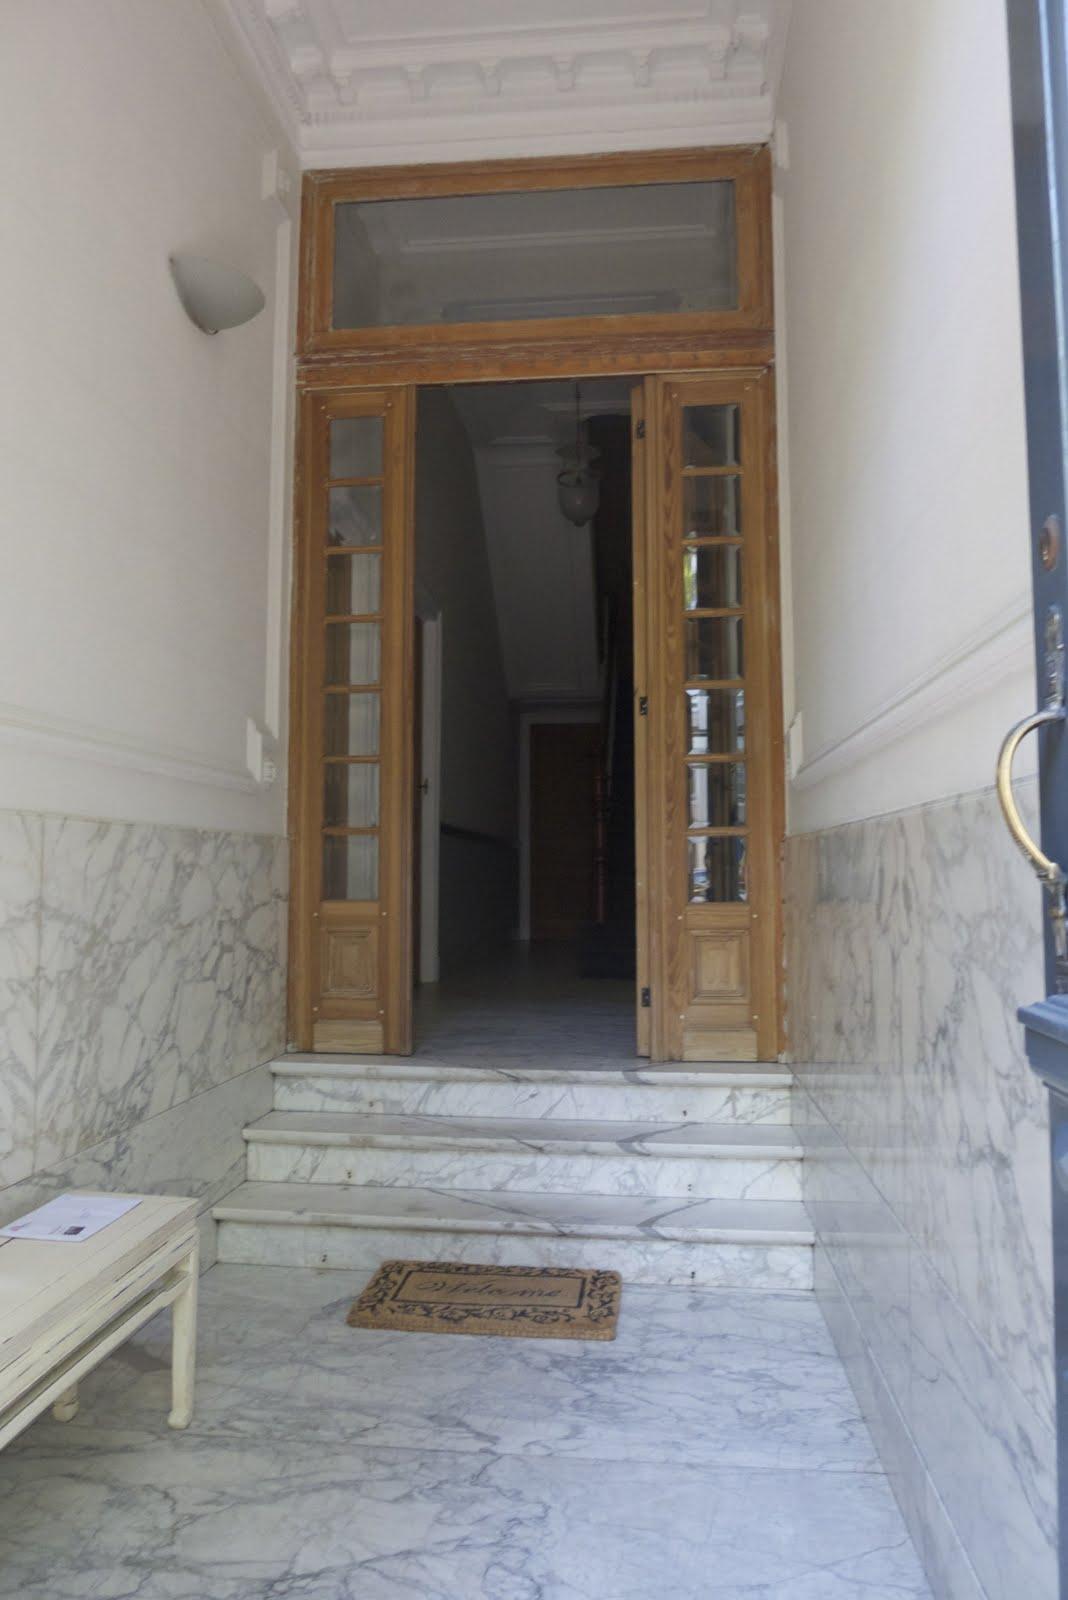 This Is Belgium Front Doors Are Open